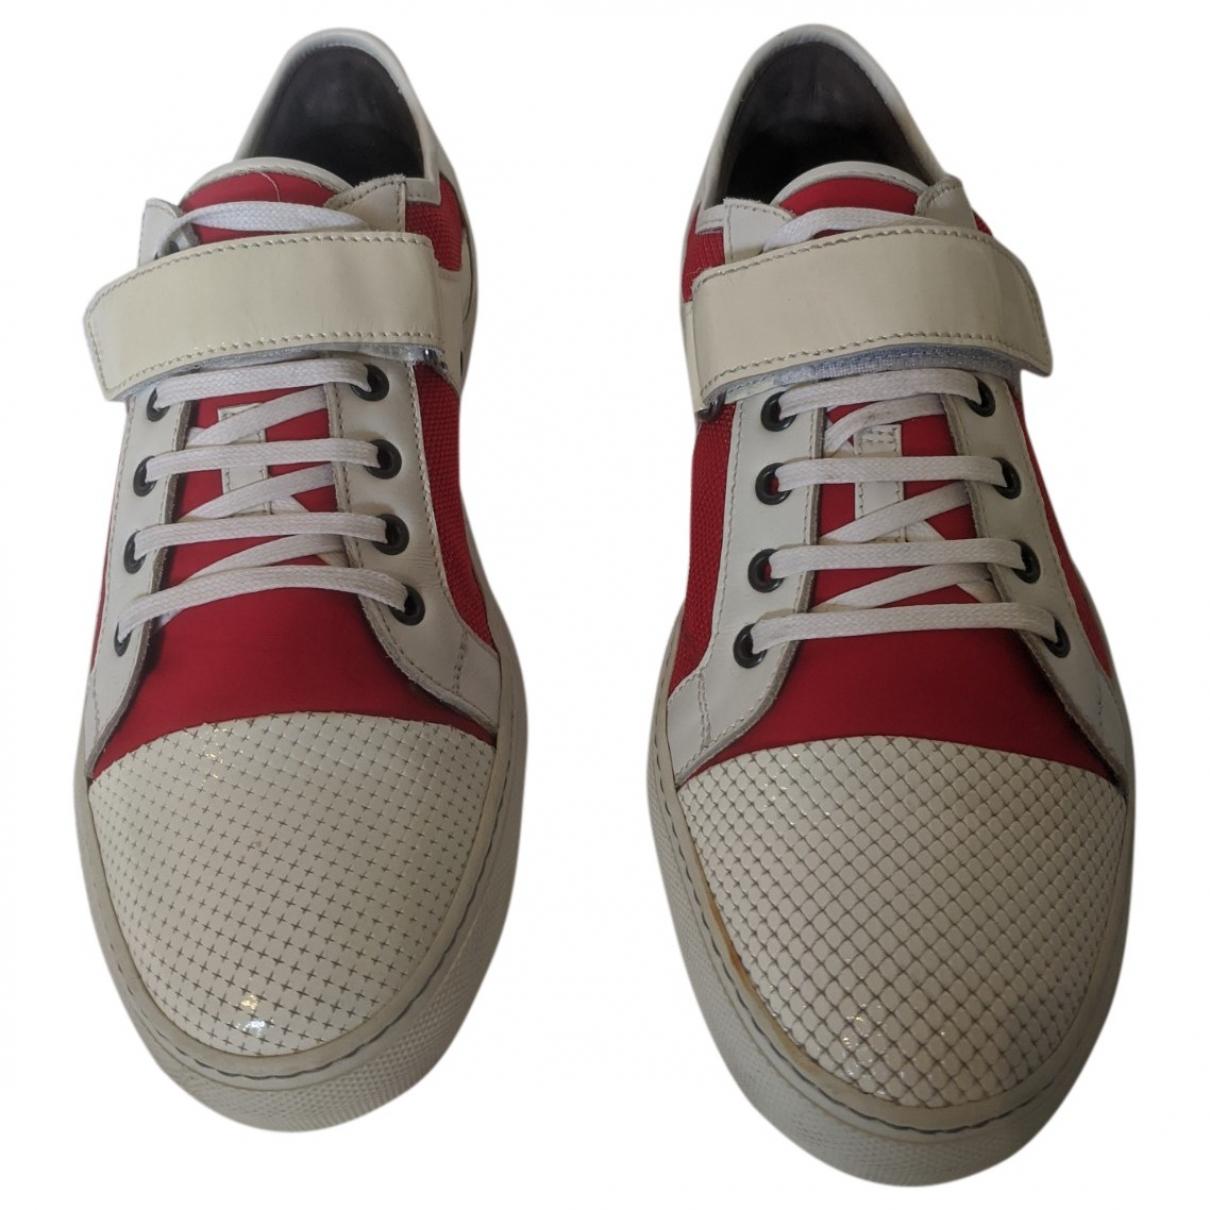 Lanvin - Baskets   pour homme en cuir verni - rouge